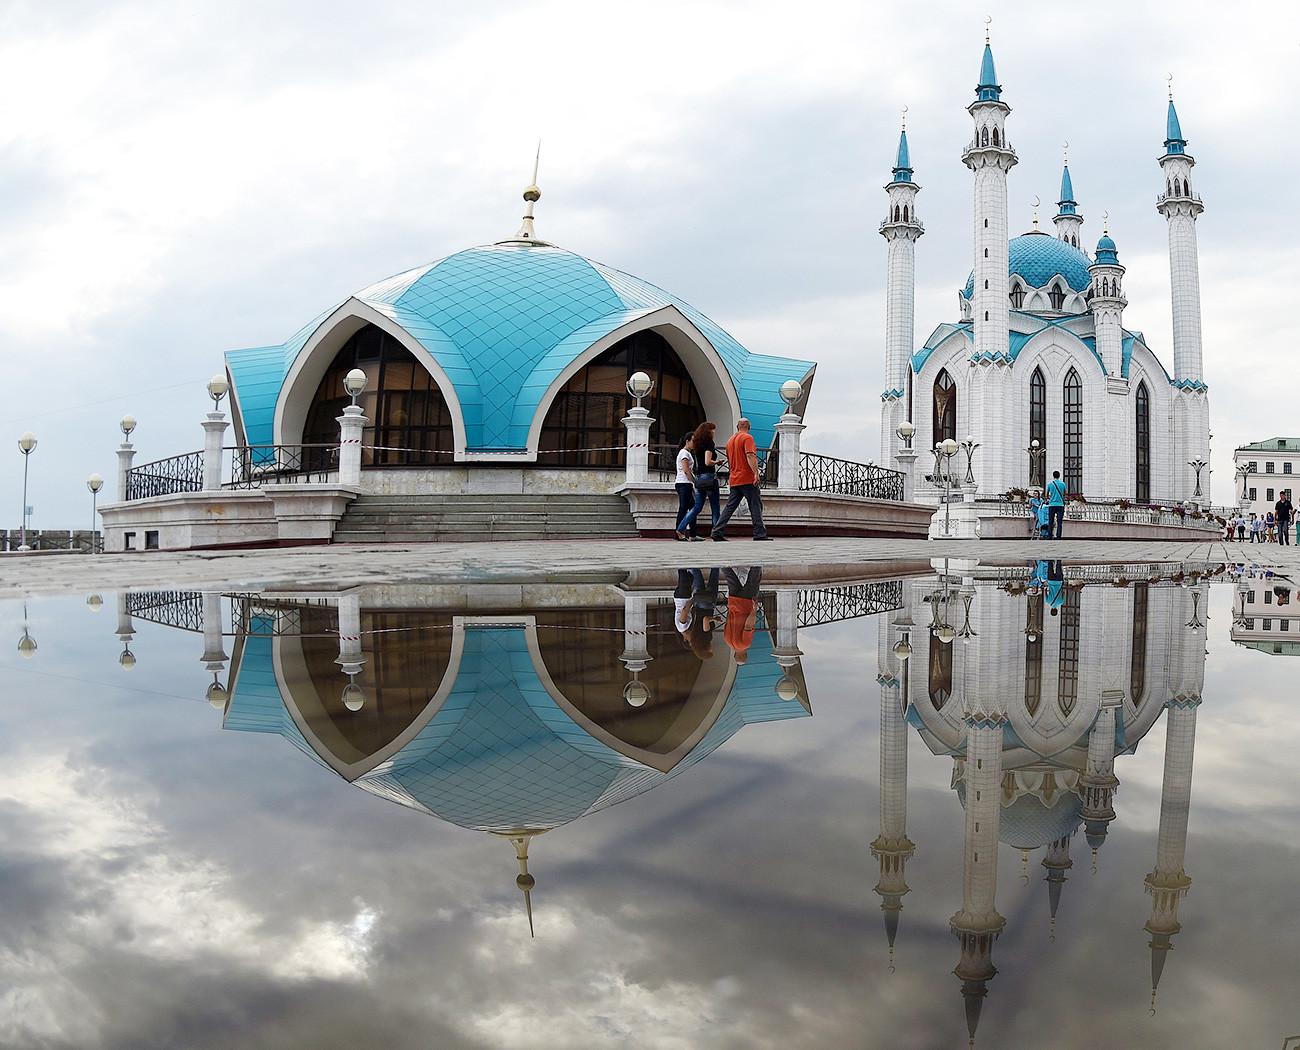 Refleksi Masjid Qol Sharif, Kazan.